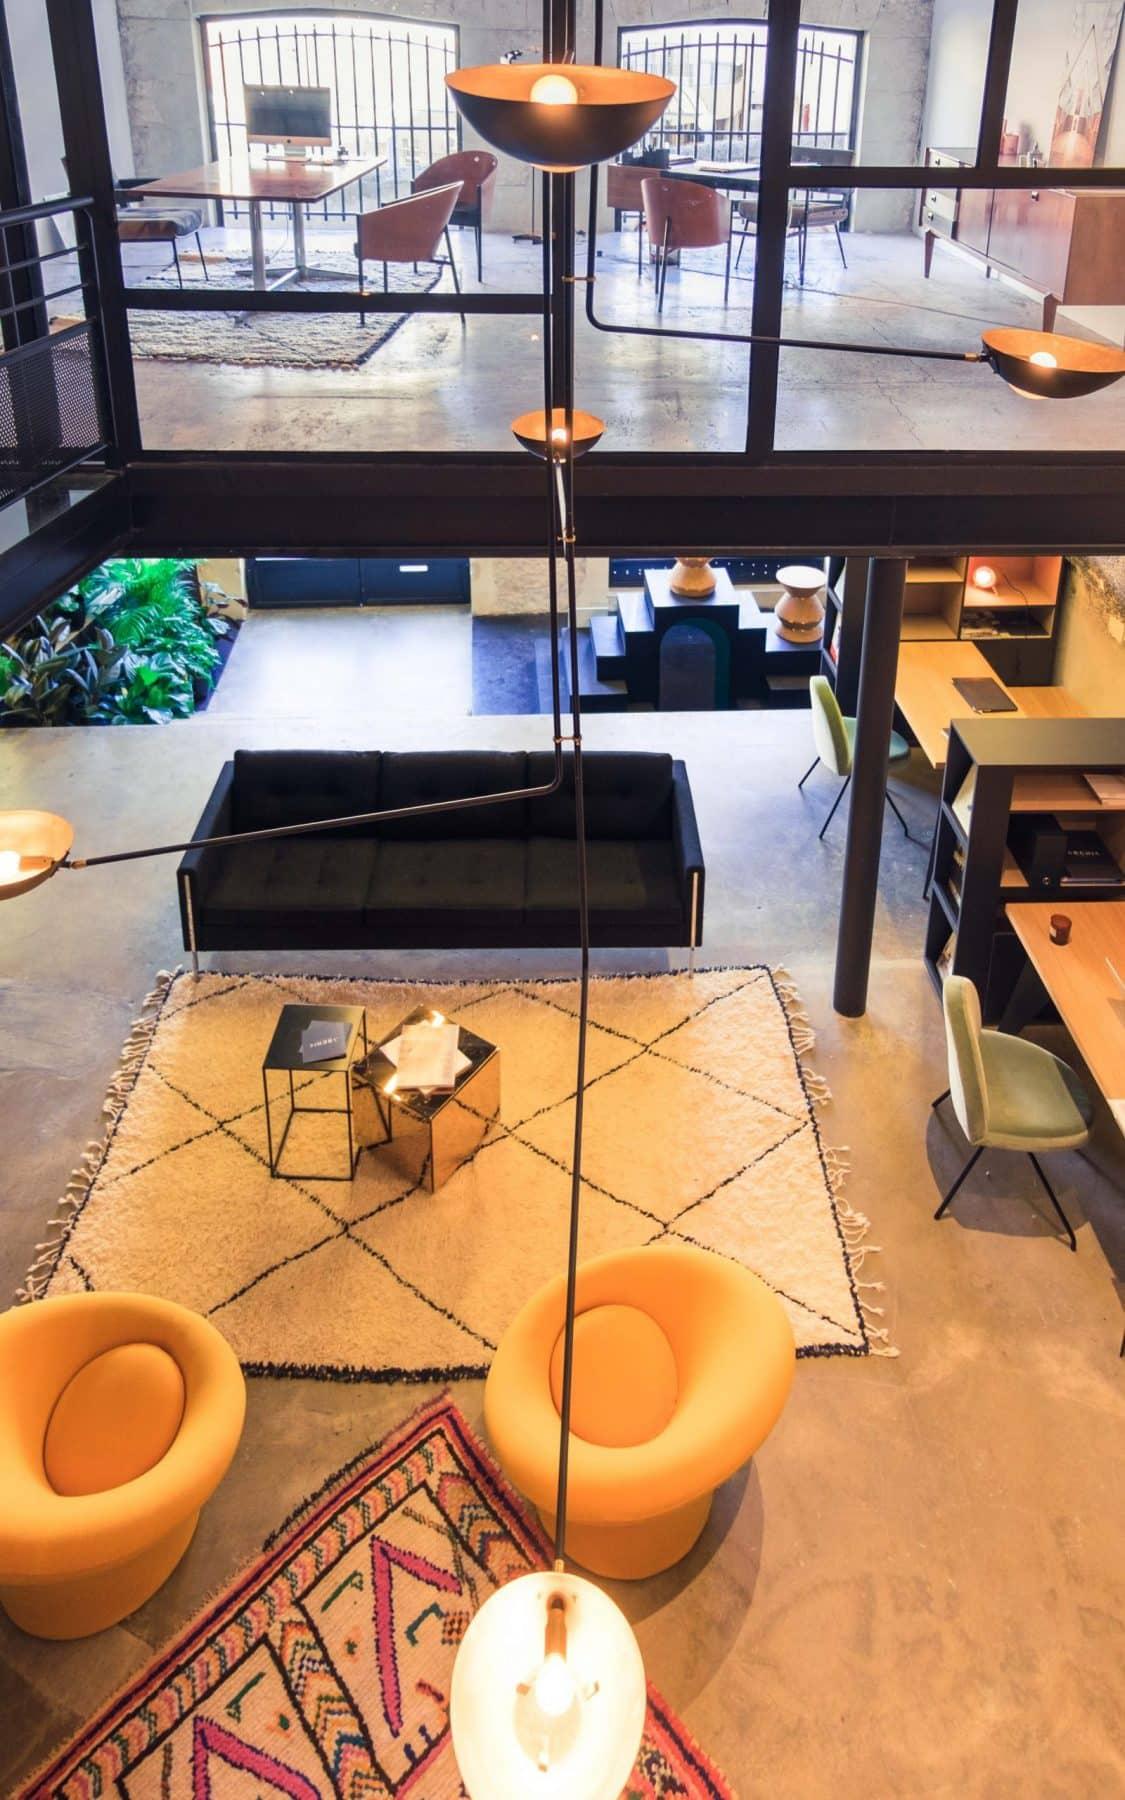 ARCHIK-Immobilier-Architecture-Maison-ARCHIK©ARCHIK